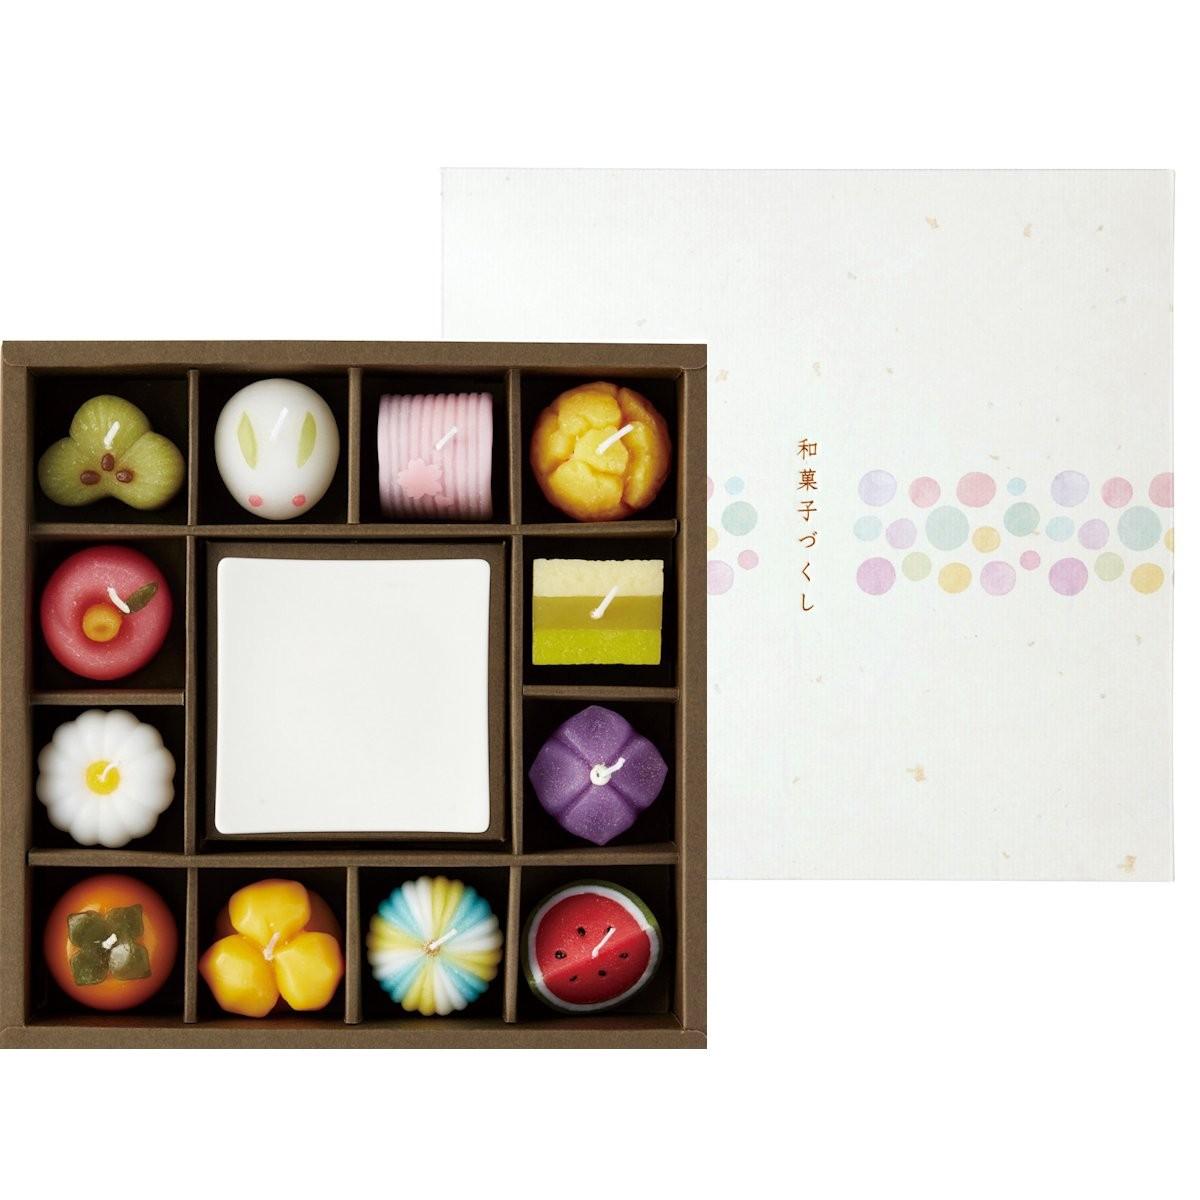 カメヤマ/和菓子づくしギフトセット/T9626-00-00【01】【取寄】[2個]《 キャンドル アロマ アロマ雑貨 》